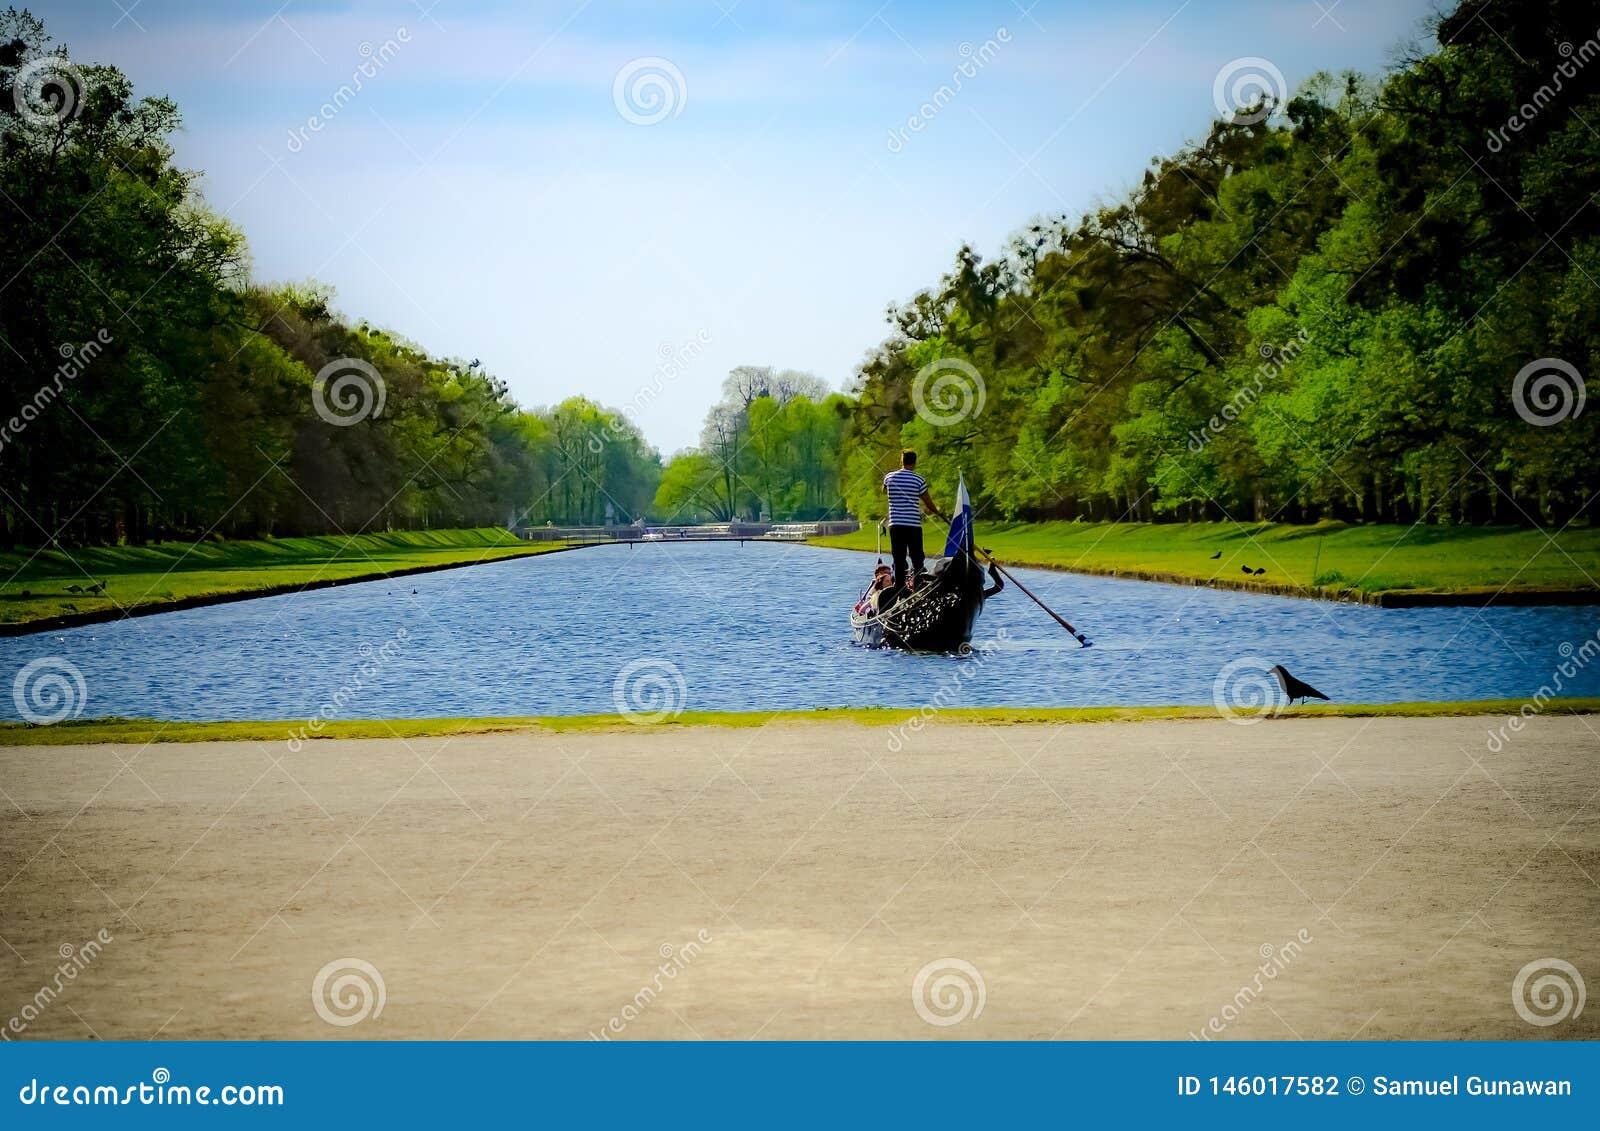 Wiosłujący łódź przecinająca błękitna rzeka